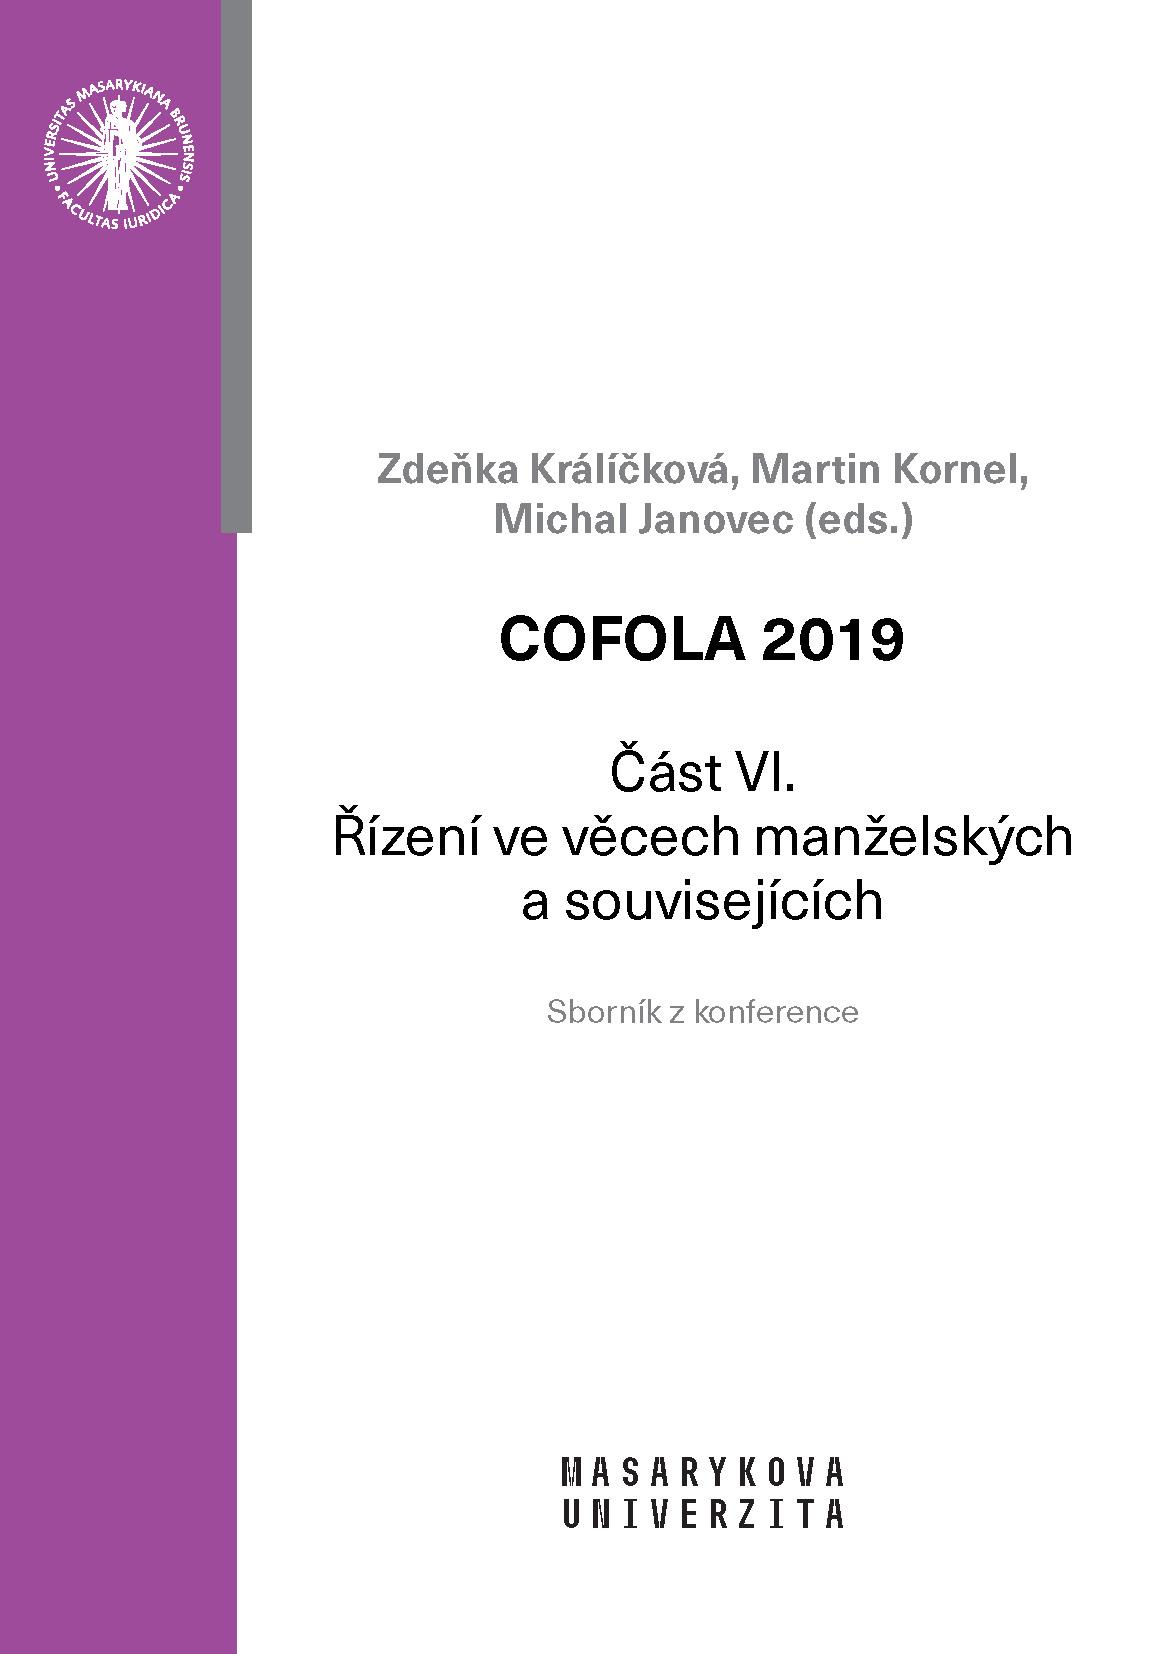 Obálka pro COFOLA 2019. Část VI. – Řízení ve věcech manželských a souvisejících